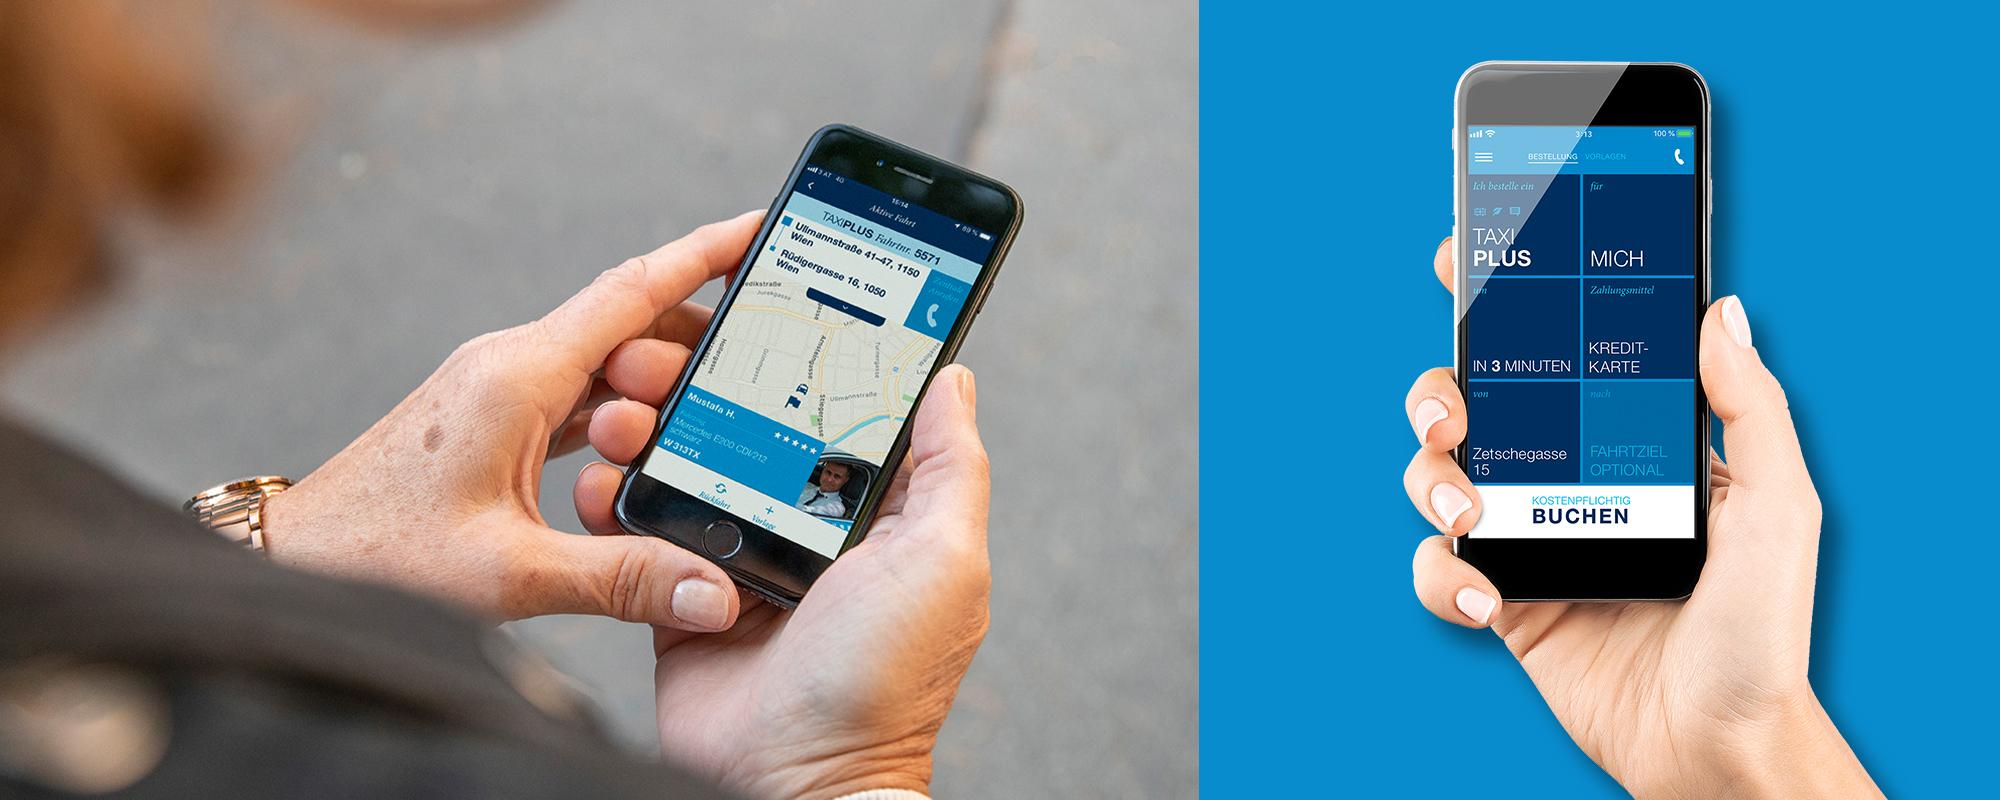 GWF_Web_TaxiPlus_App